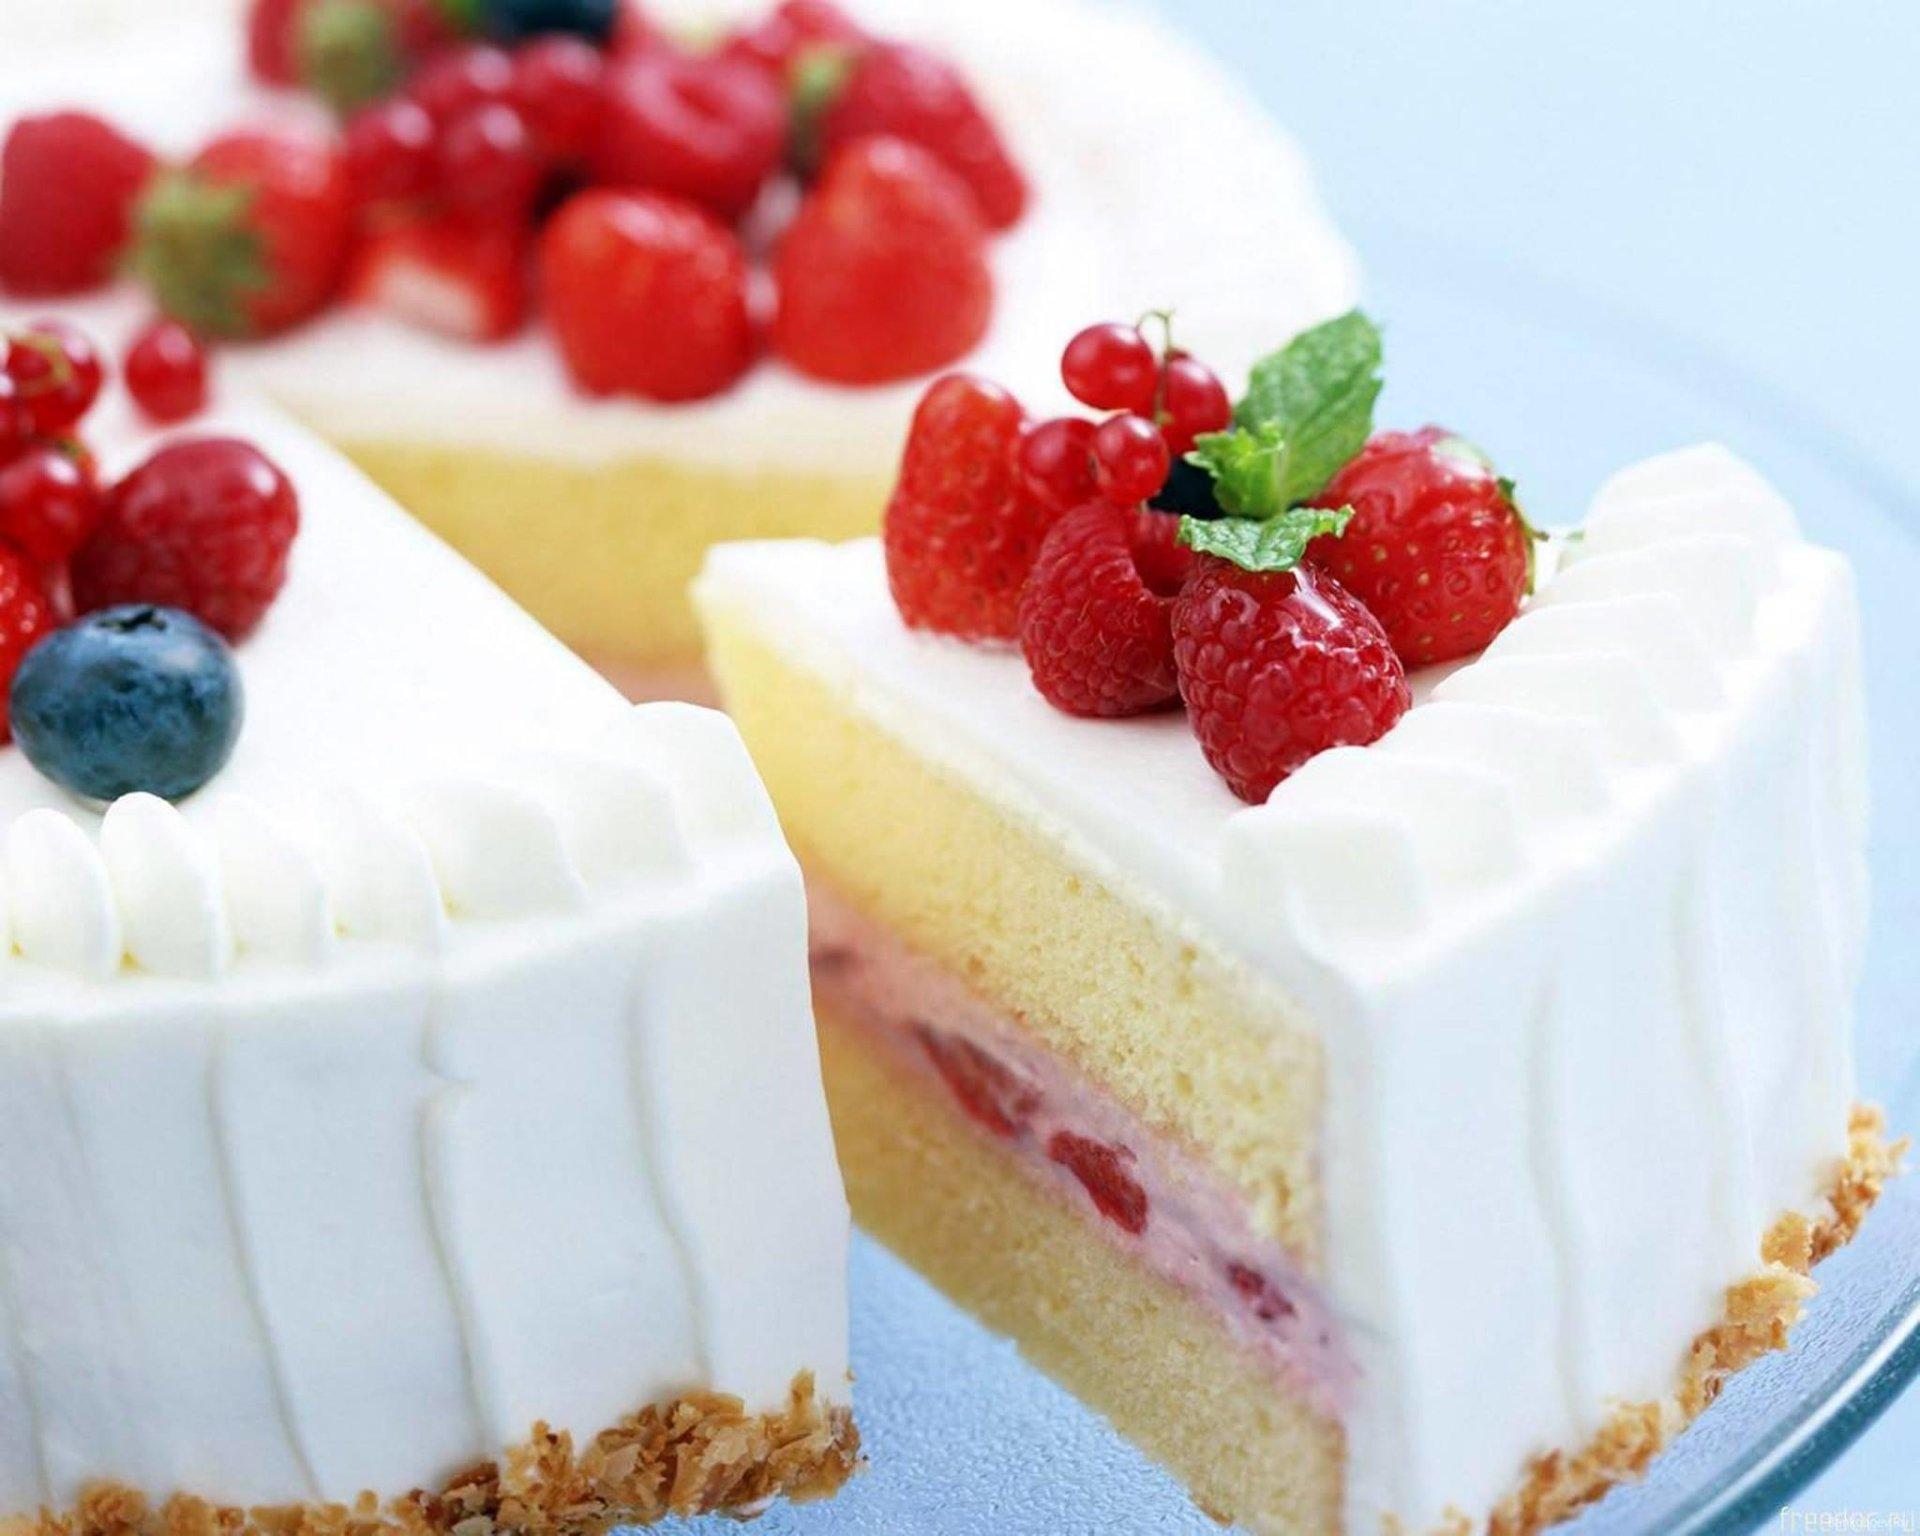 Food - Cake  Wallpaper